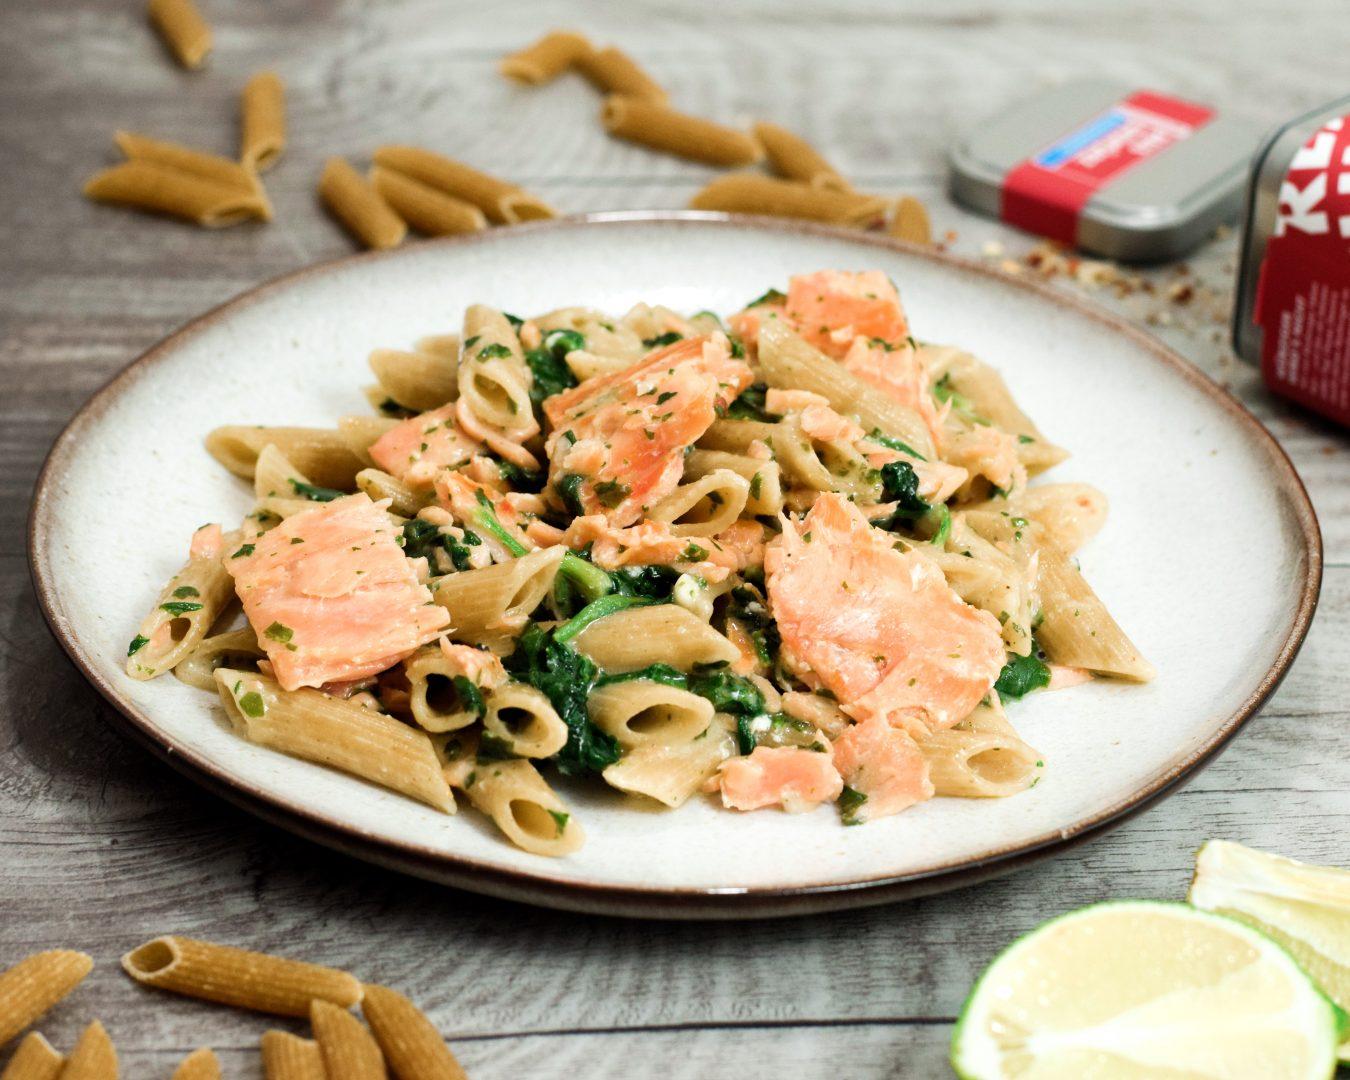 Rezept für One-Pot-Pasta mit Lachs und Spinat  | www.dearlicious.com